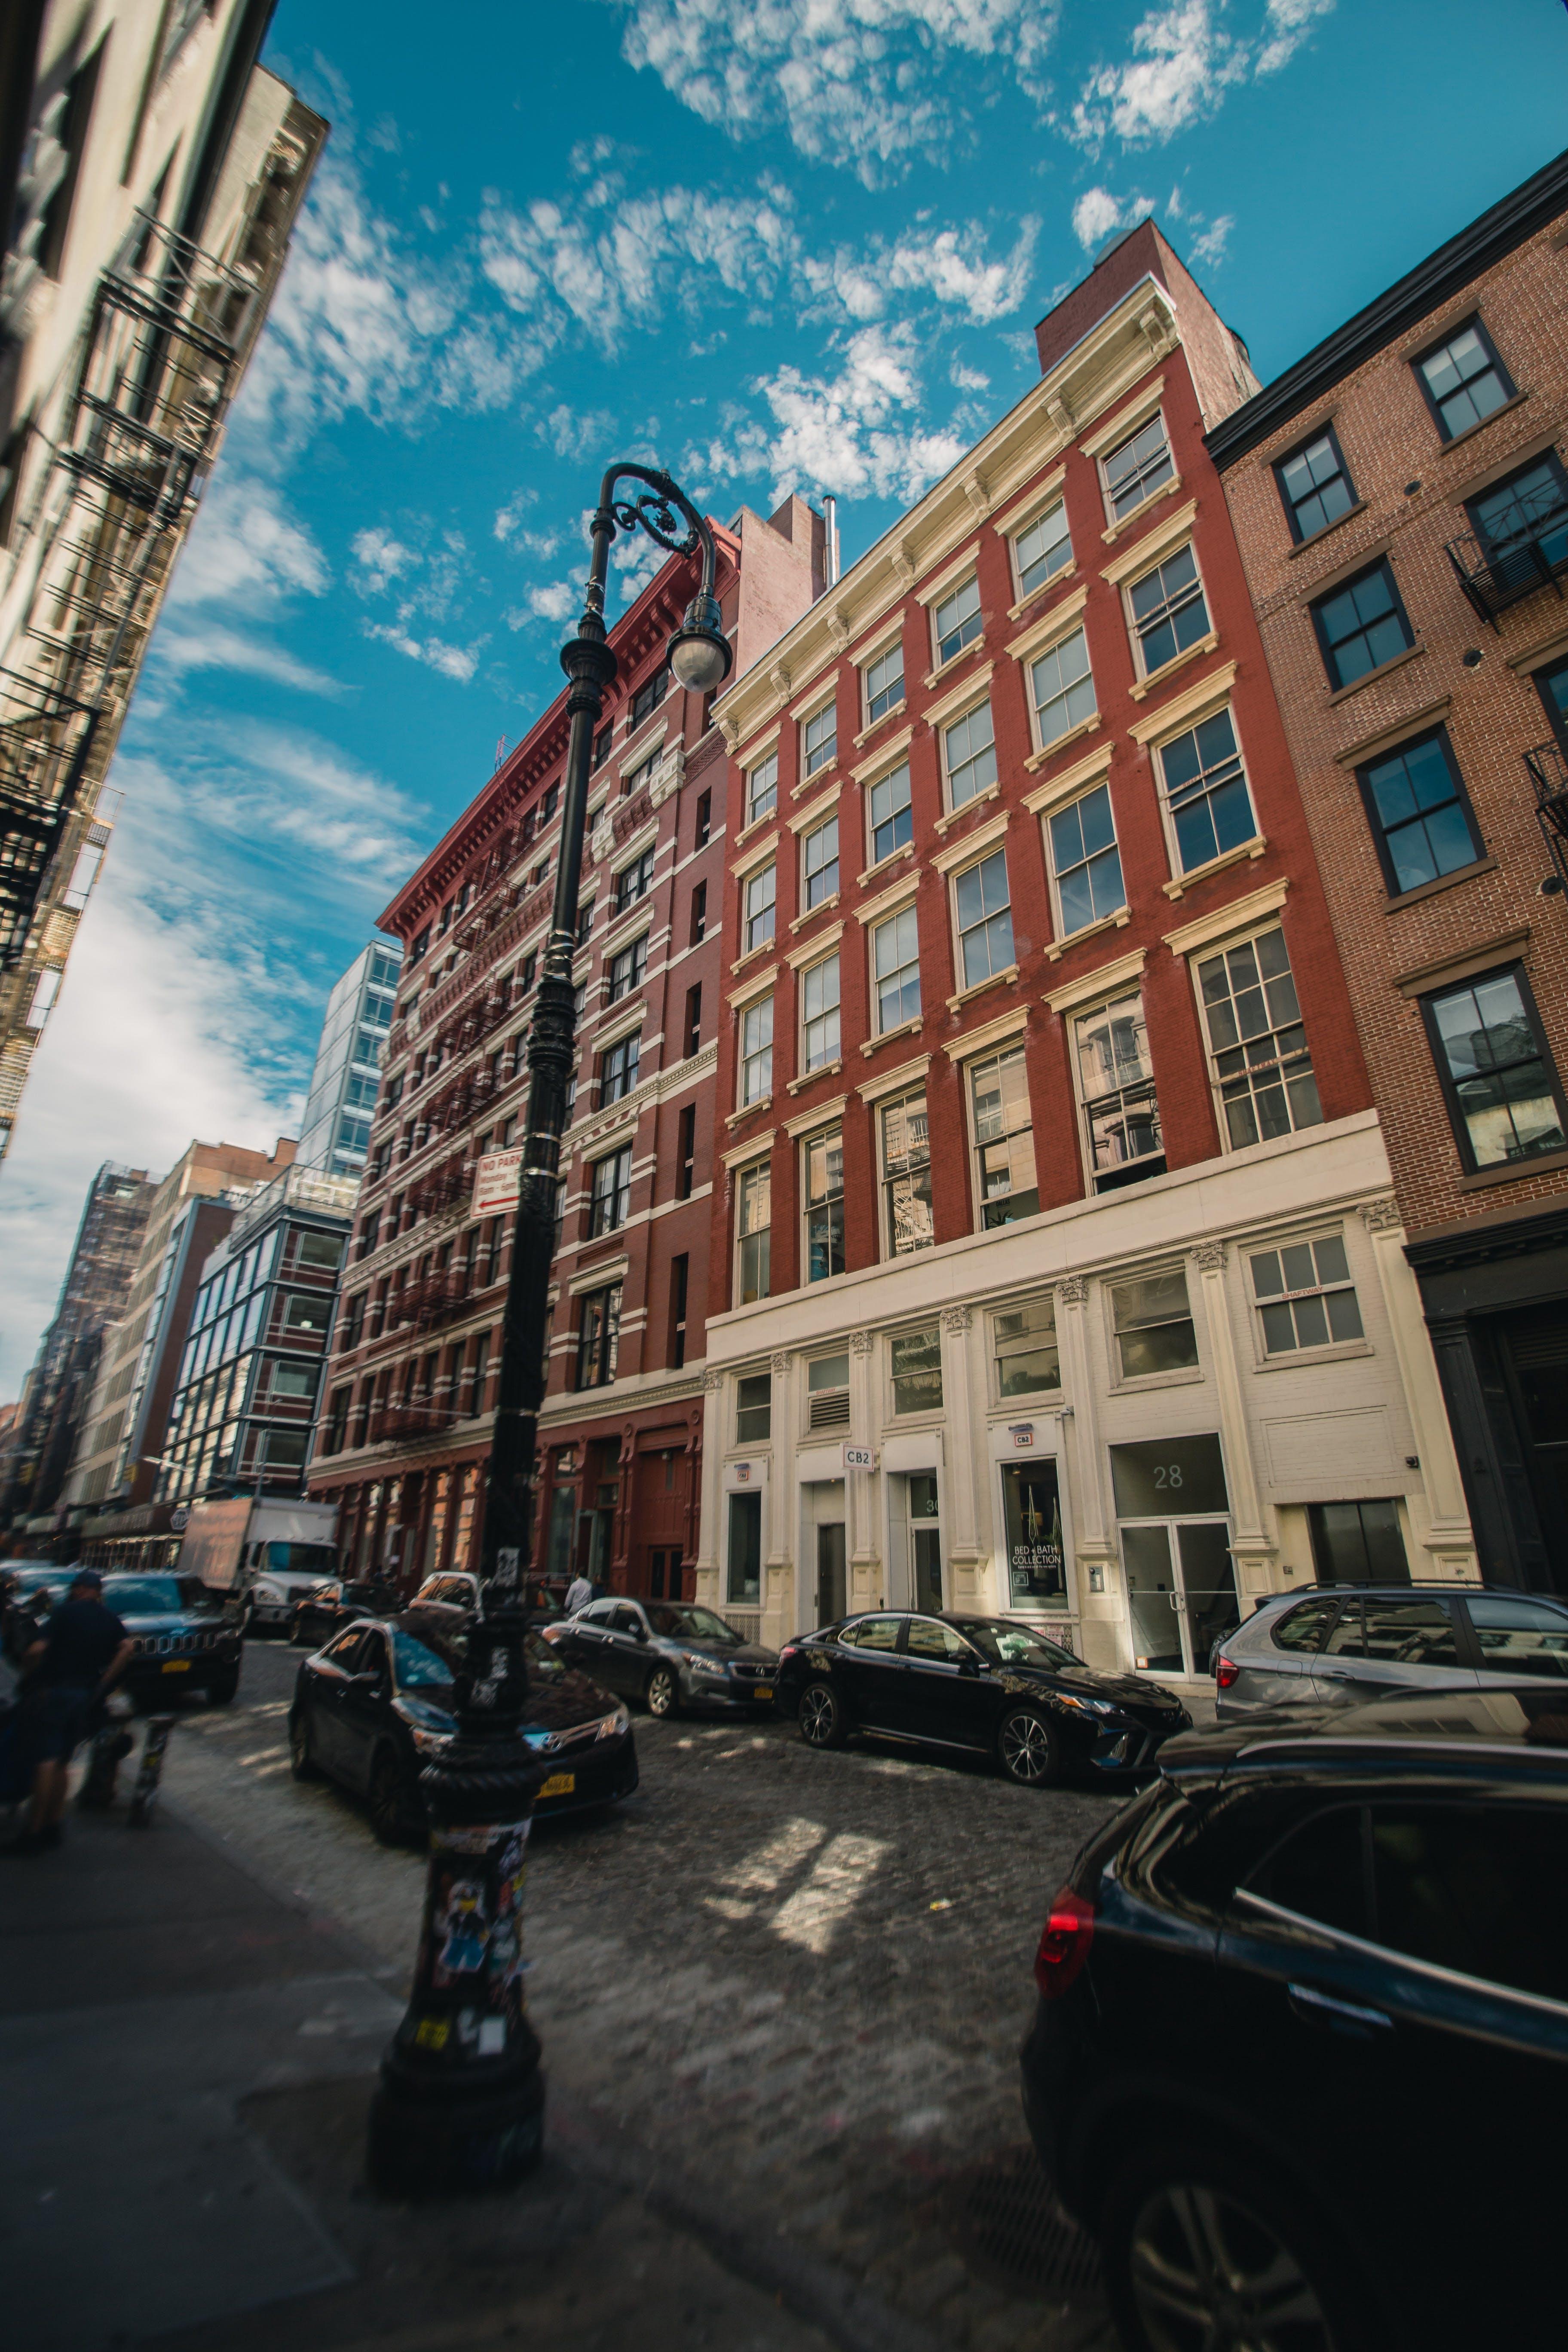 シティ, 乗り物, 建物, 建築の無料の写真素材